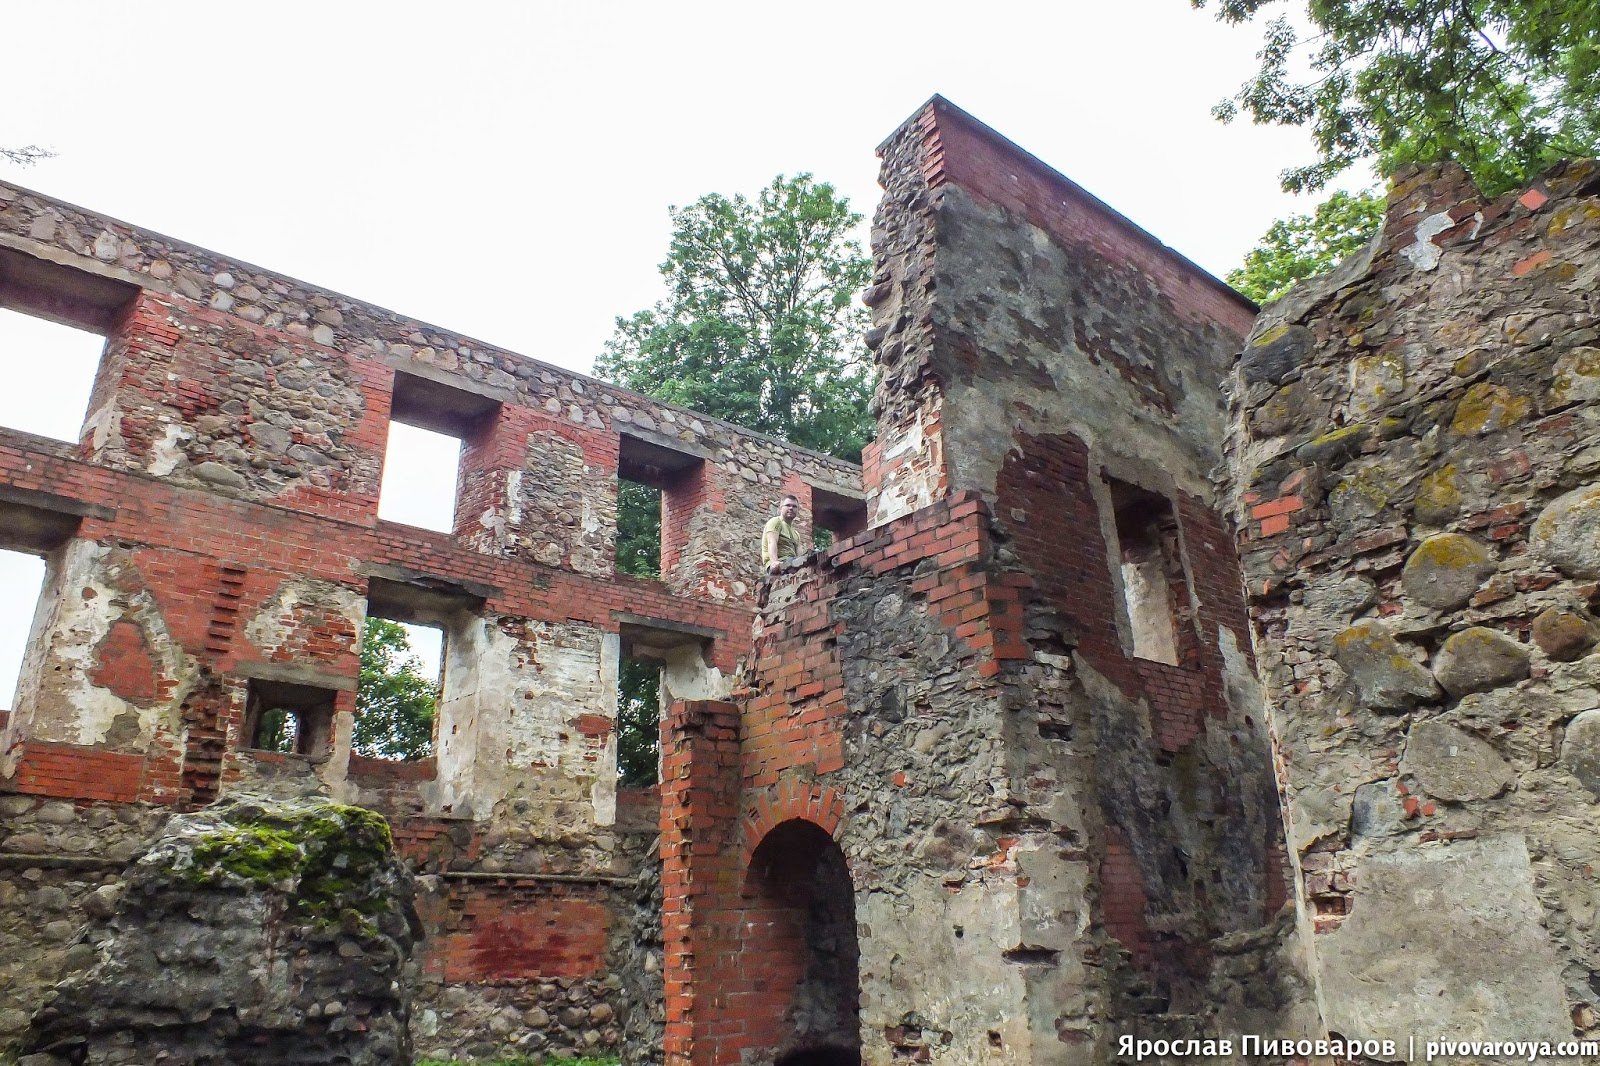 Замок Гробиня (Grobinja castle)